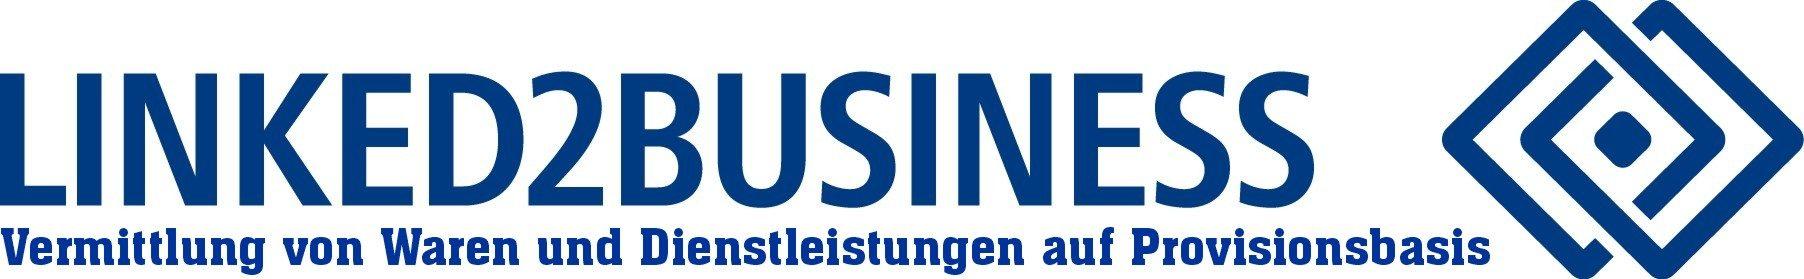 Linked2Business Matthias Apel Vermittungsdienstleistungen